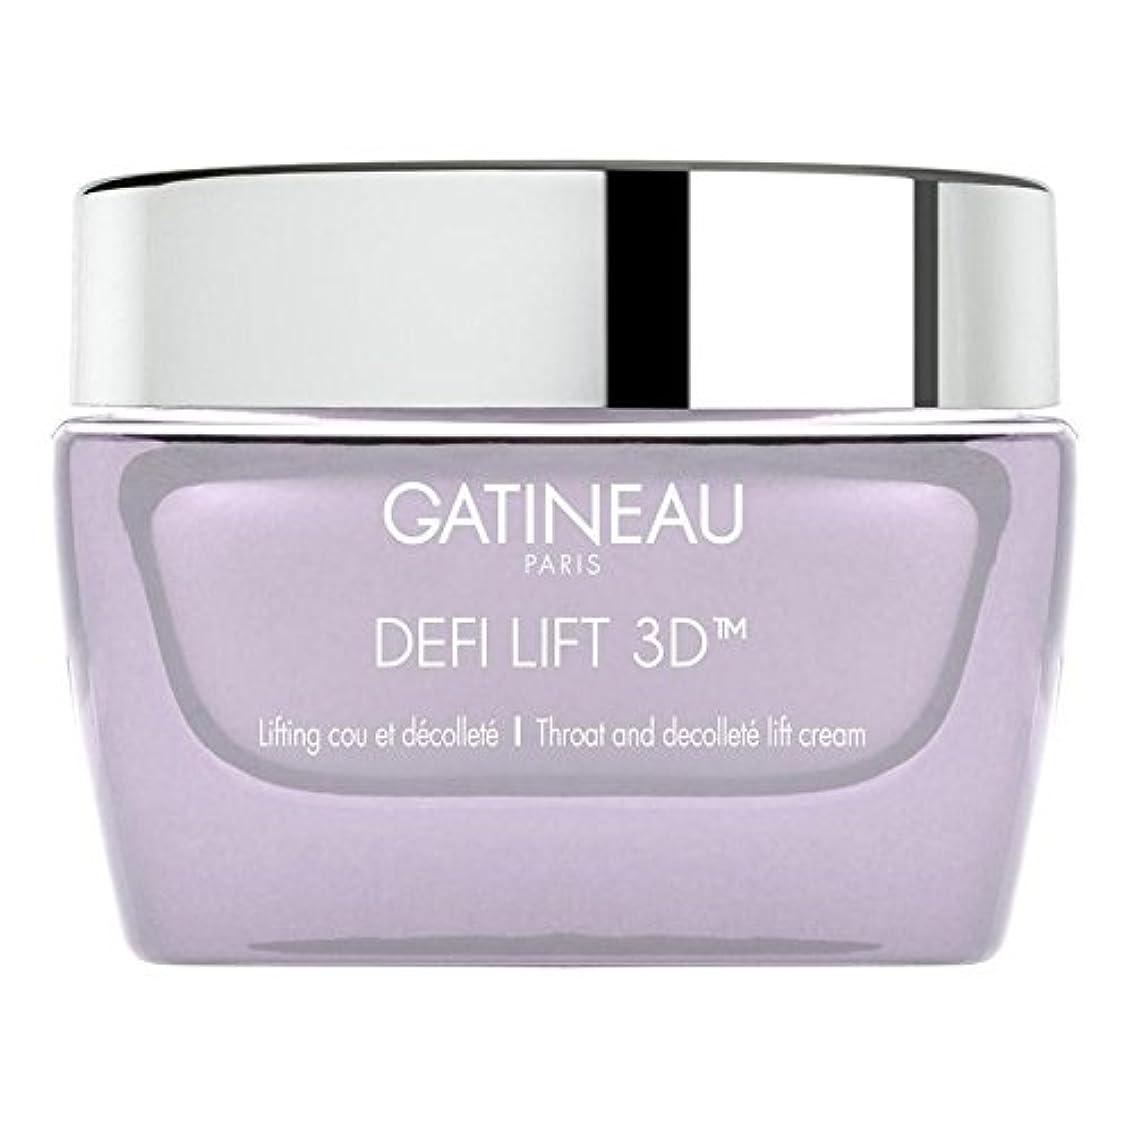 おとこ広々道徳Gatineau DefiLIFT 3D Throat and Decollette Lift Cream 50ml - ガティノー 3喉とリフトクリーム50 [並行輸入品]